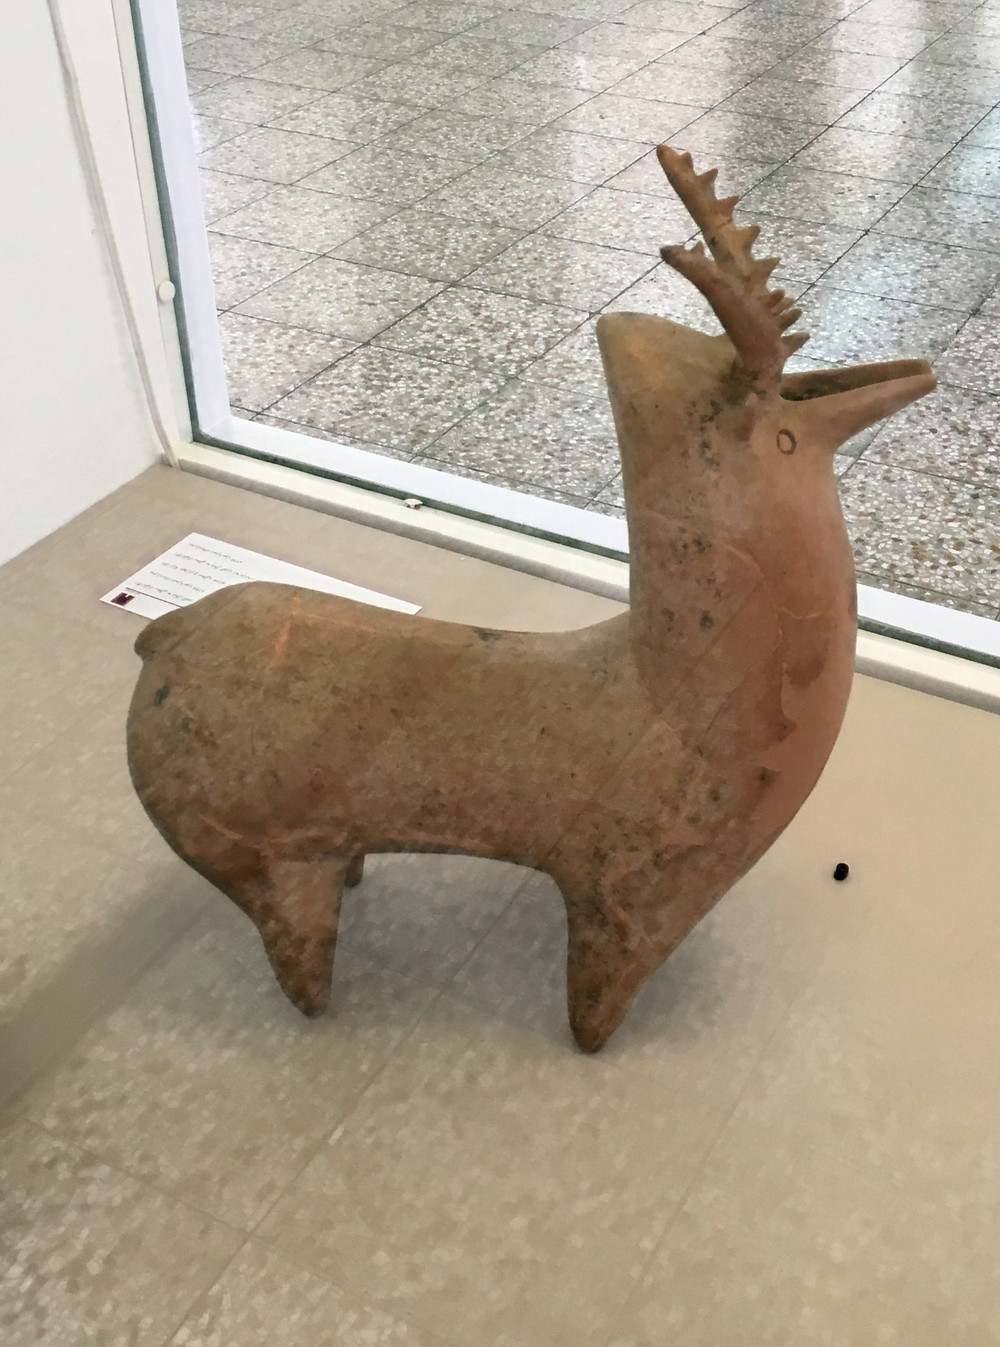 Schenkkan nationaal museum Iran